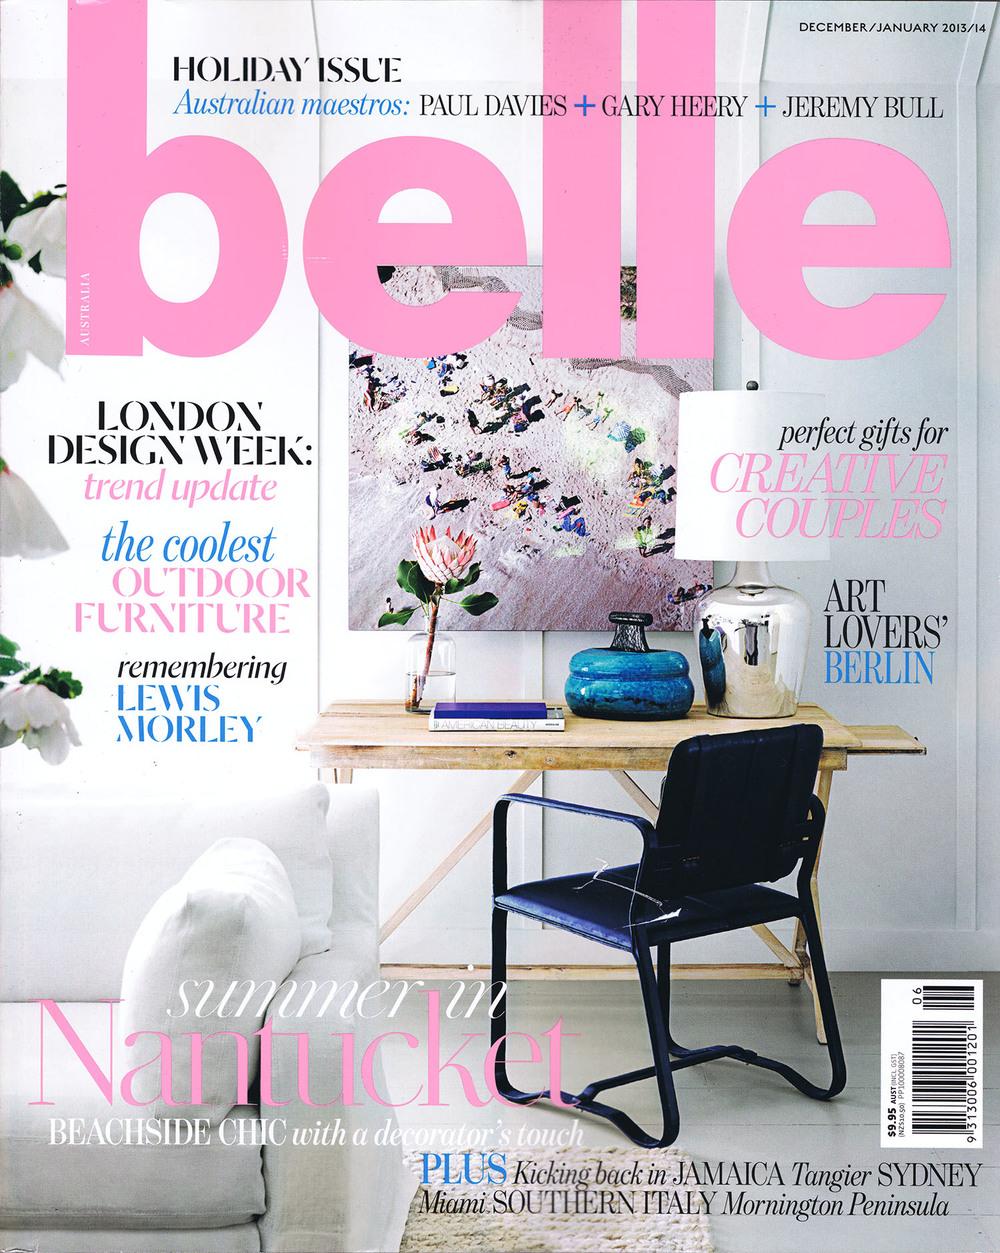 Belle December January 2013